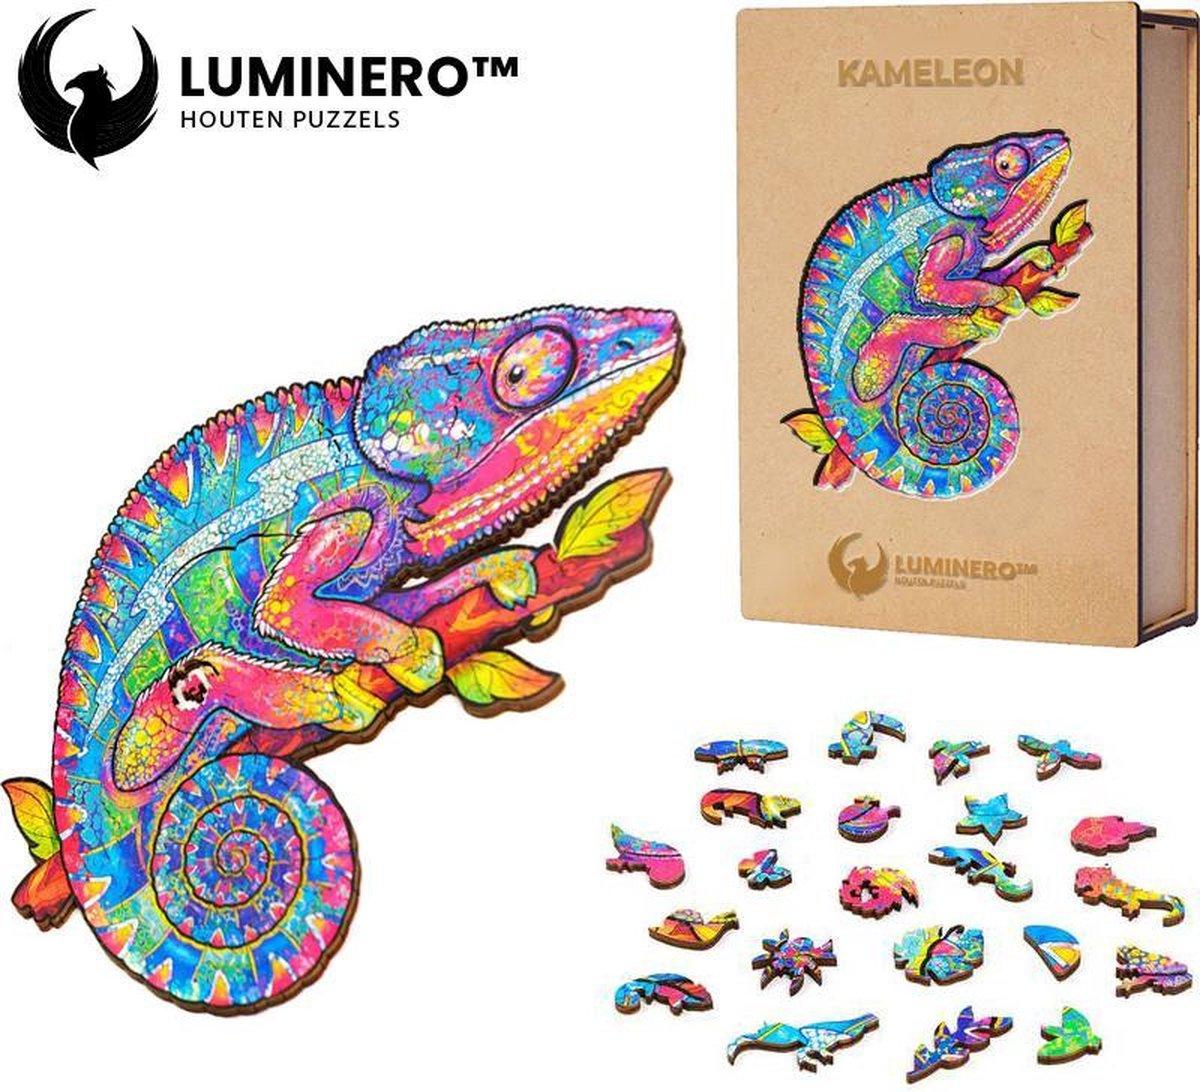 Luminero™ Houten Kameleon Jigsaw Puzzel - A5 Formaat Jigsaw - Unieke 3D Puzzels - Huisdecoratie - Wooden Puzzle - Volwassenen & Kinderen - Incl. Houten Doos